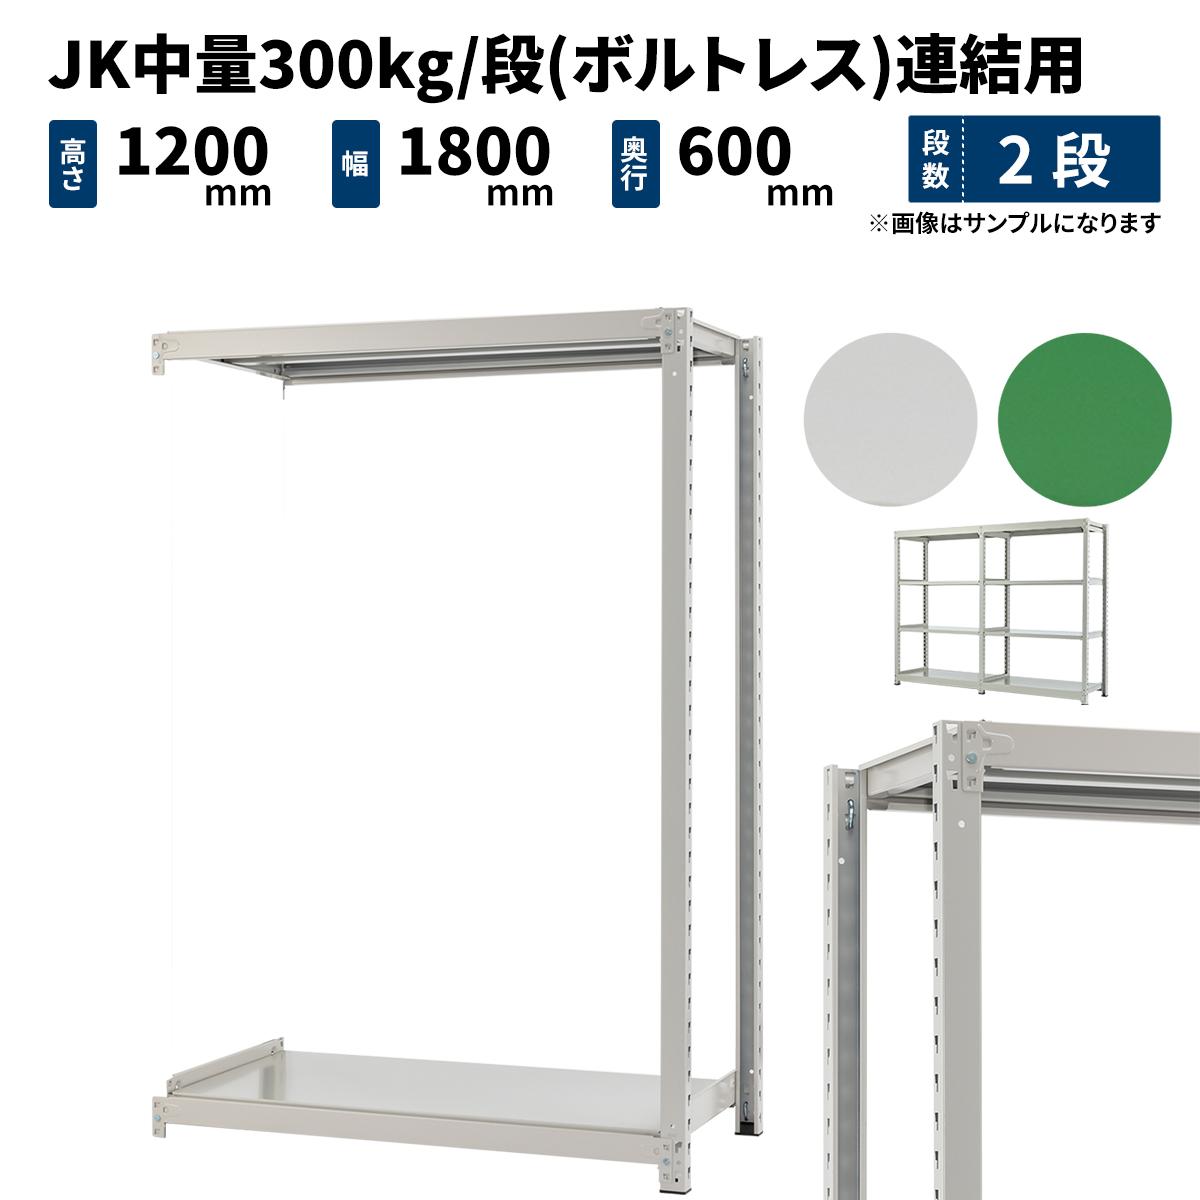 スチールラック 業務用 JK中量300kg/段(ボルトレス) 連結形式 高さ1200×幅1800×奥行600mm 2段 ホワイトグレー/グリーン (42kg) JK300_R-121806-2